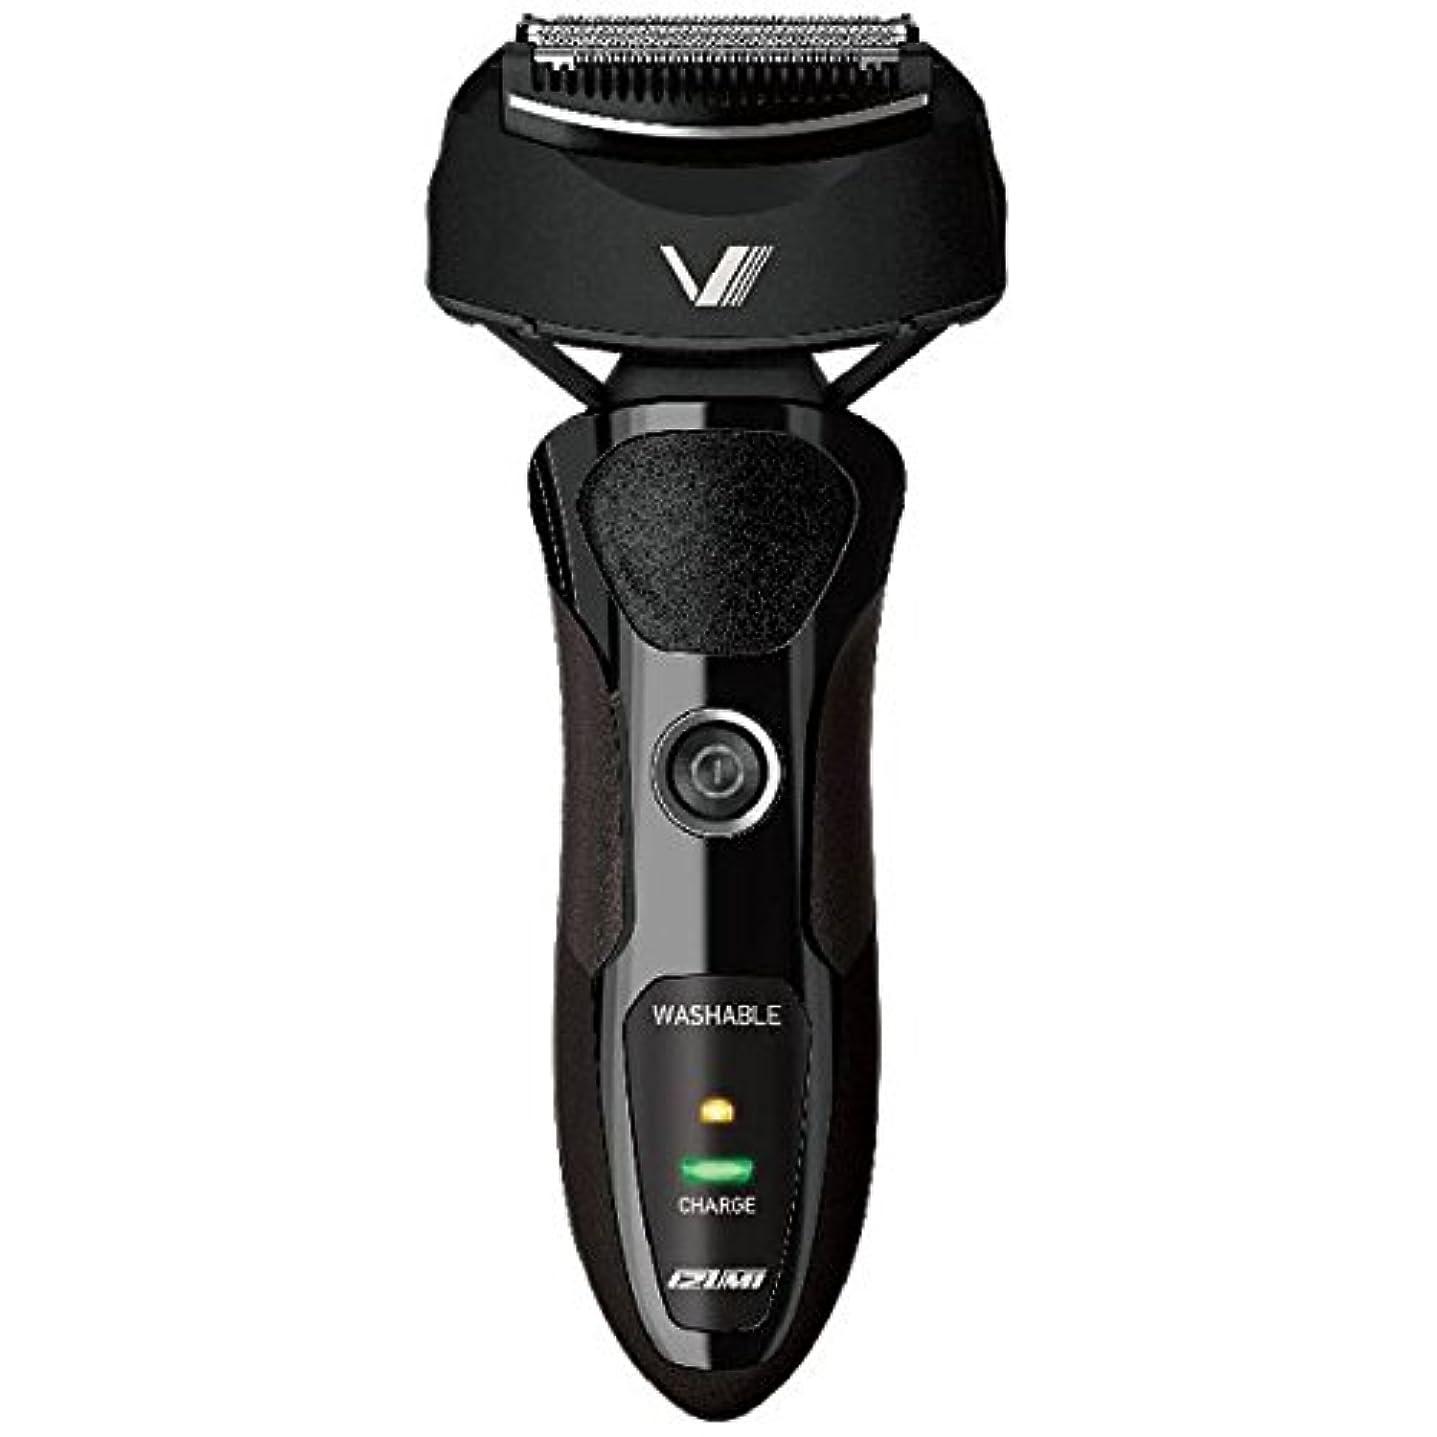 介入する木製歌詞IZUMI VIDAN 往復式シェーバー 深剃りシリーズ 3枚刃 ブラック IZF-V36-K